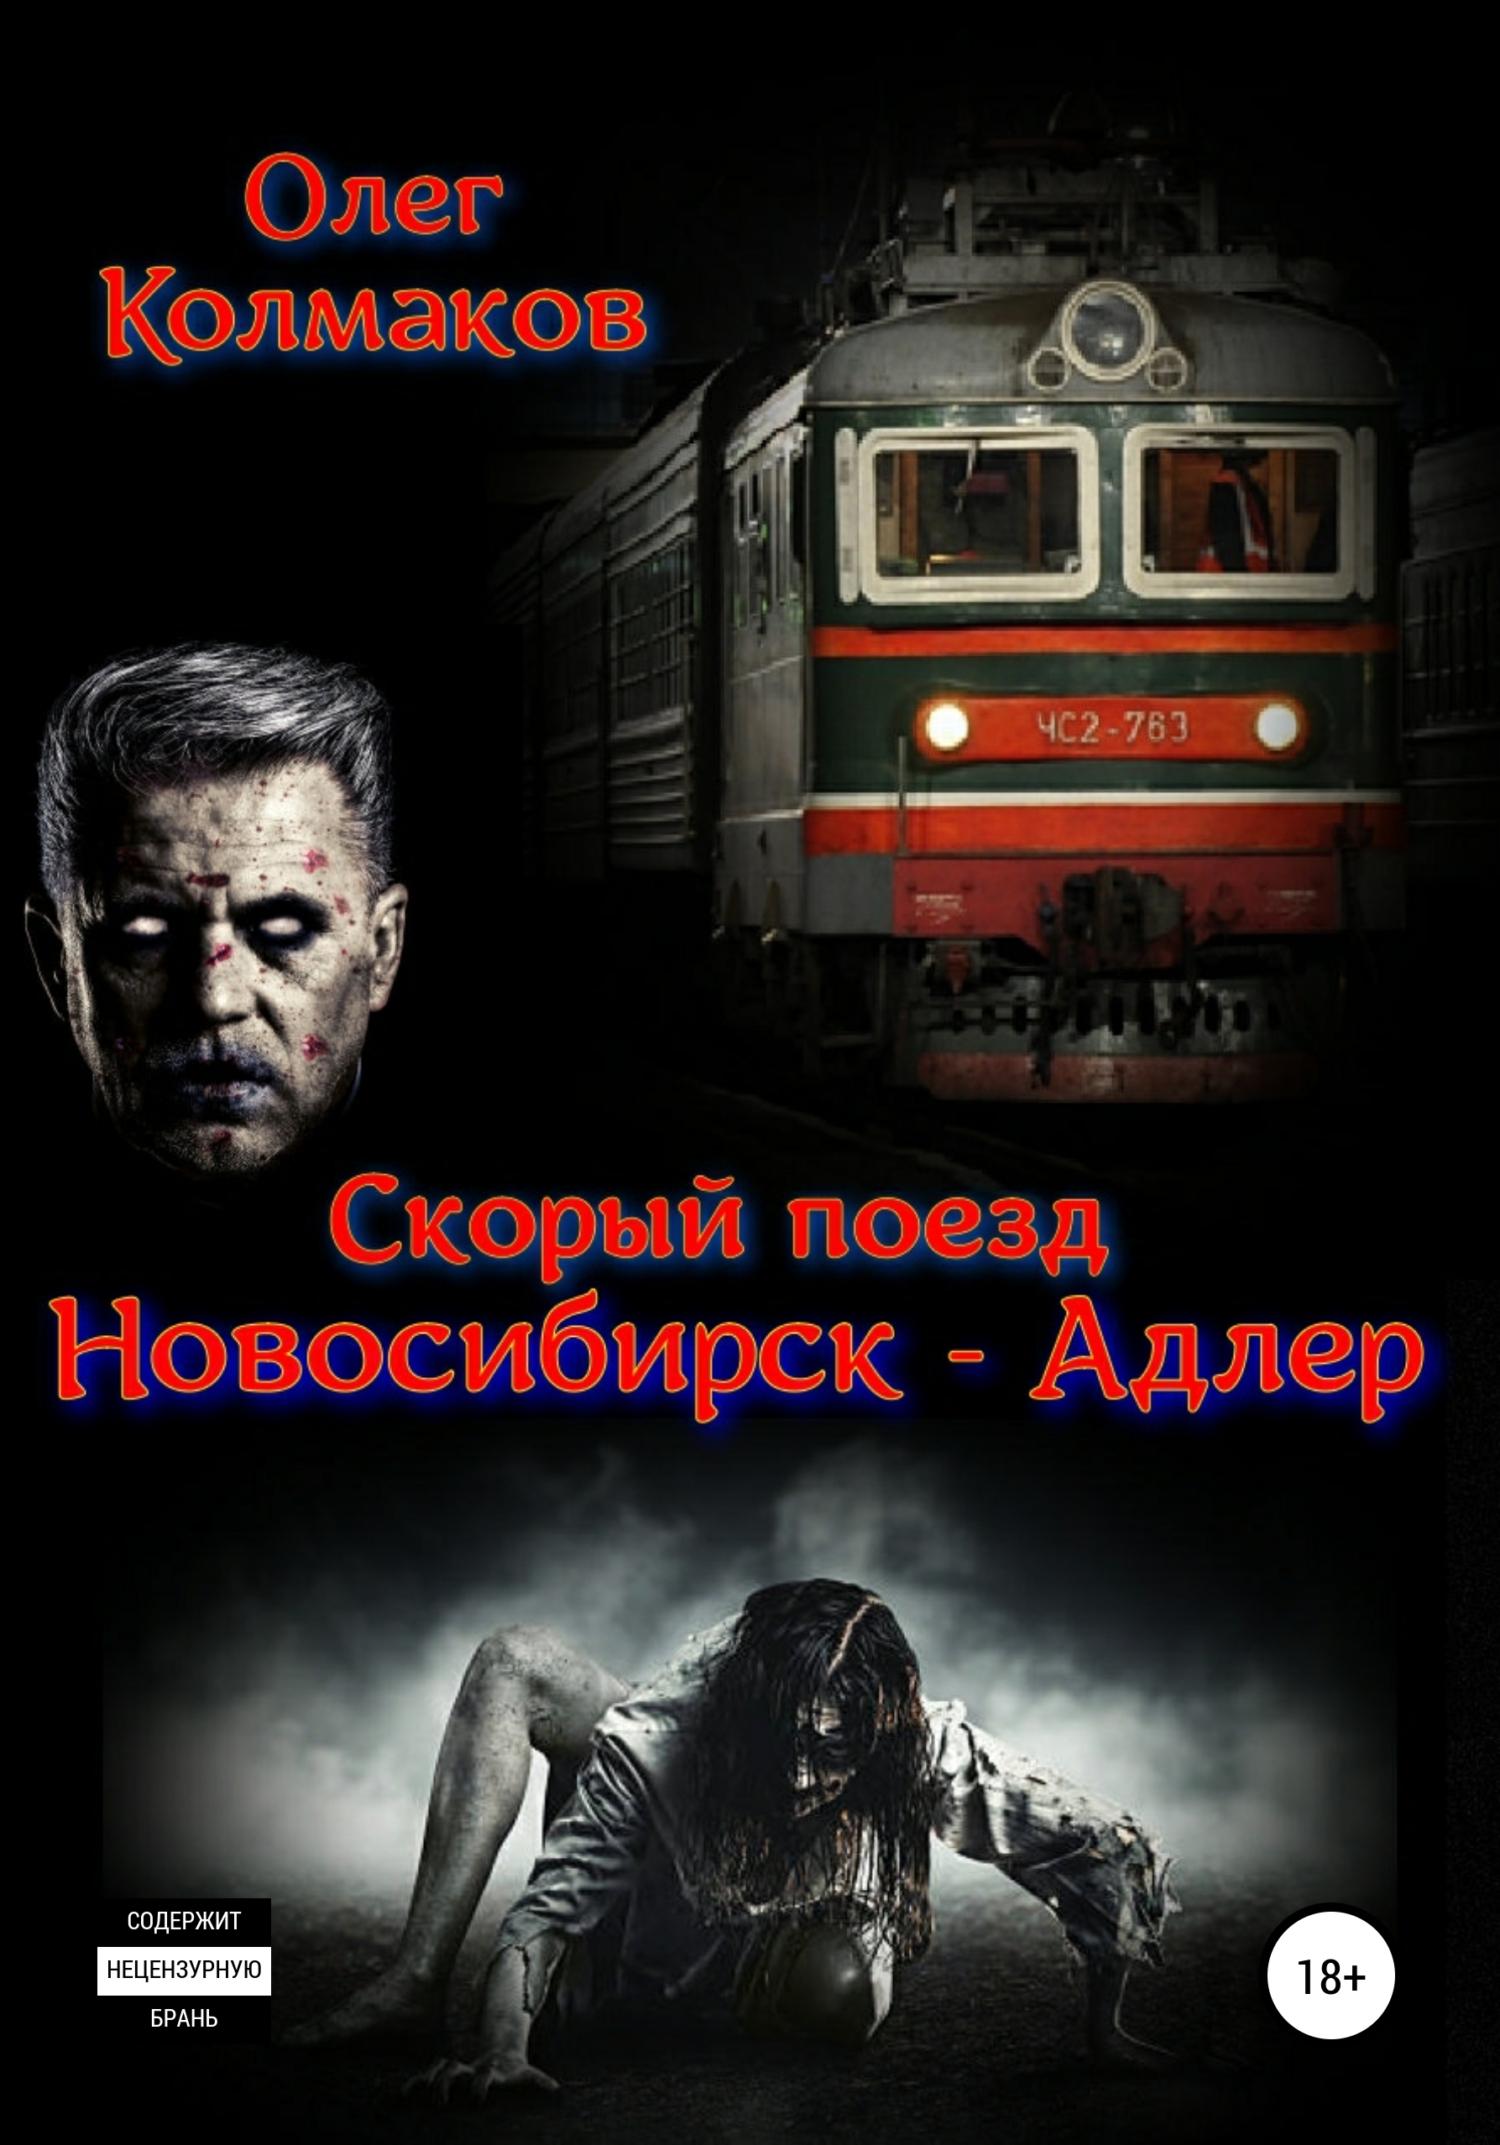 Олег Колмаков Скорый поезд «Новосибирск – Адлер» eichhorn вагон с цистерной